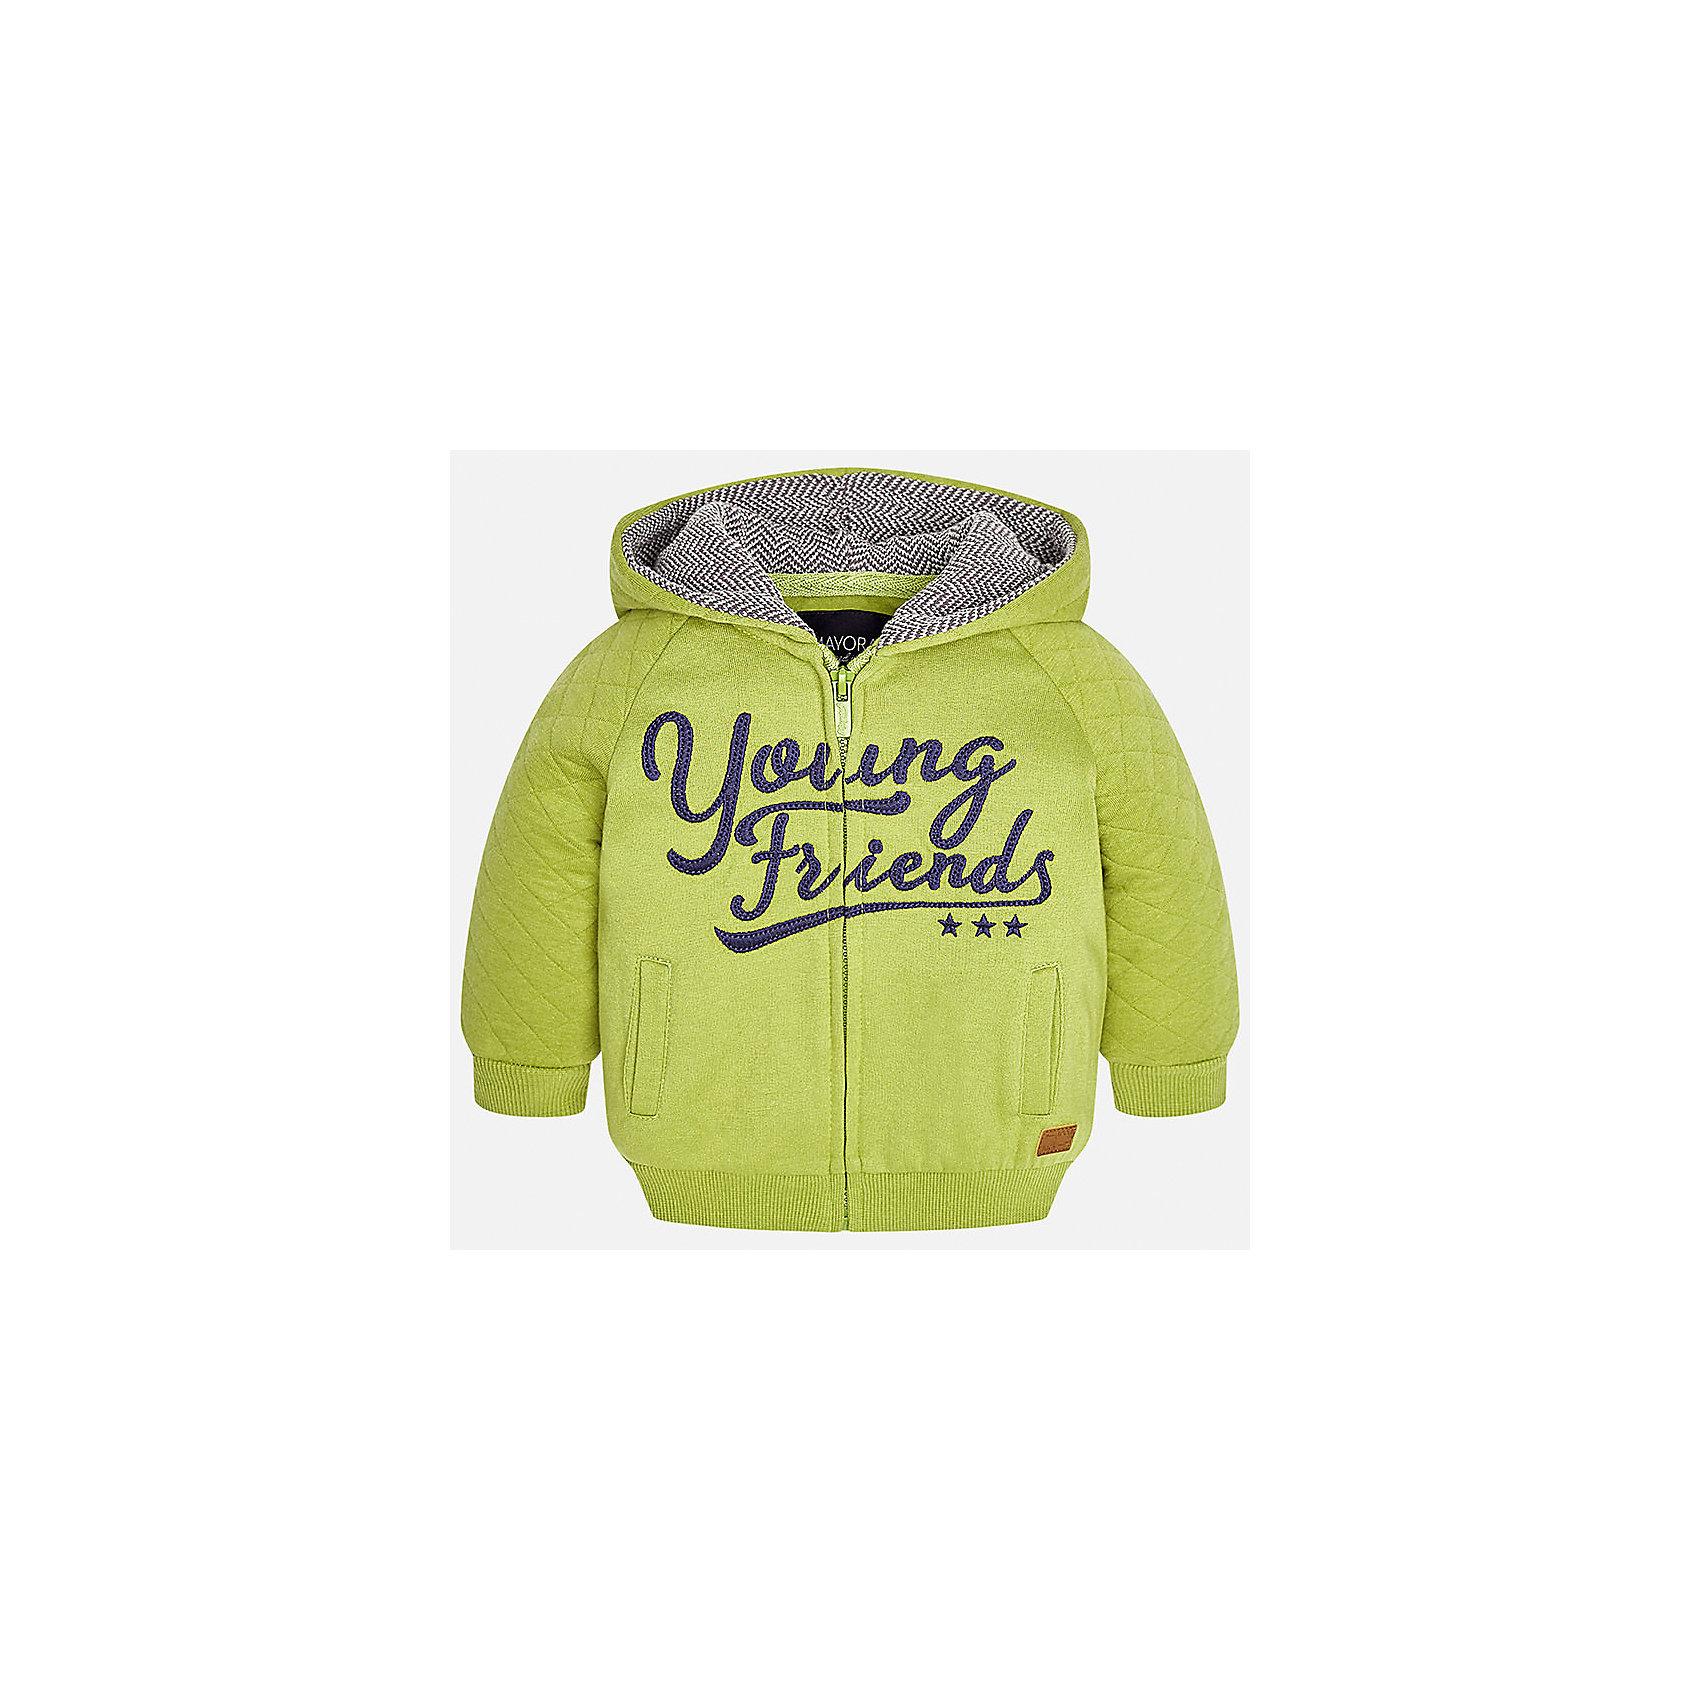 Куртка Mayoral для мальчикаВерхняя одежда<br>Характеристики товара:<br><br>• цвет: зеленый<br>• состав ткани: 60% хлопок, 40% полиэстер<br>• сезон: демисезон<br>• температурный режим: от +10 до +20<br>• особенности куртки: с капюшоном, на молнии<br>• капюшон: несъемный<br>• застежка: молния<br>• страна бренда: Испания<br>• страна изготовитель: Индия<br><br>Такая демисезонная куртка для мальчика от Майорал поможет обеспечить ребенку комфорт и тепло. Детская куртка отличается модным и продуманным дизайном. В куртке для мальчика от испанской компании Майорал ребенок будет выглядеть модно, а чувствовать себя - комфортно. <br><br>Куртку для мальчика Mayoral (Майорал) можно купить в нашем интернет-магазине.<br><br>Ширина мм: 356<br>Глубина мм: 10<br>Высота мм: 245<br>Вес г: 519<br>Цвет: бежевый<br>Возраст от месяцев: 6<br>Возраст до месяцев: 9<br>Пол: Мужской<br>Возраст: Детский<br>Размер: 74,98,80,86,92<br>SKU: 6935302